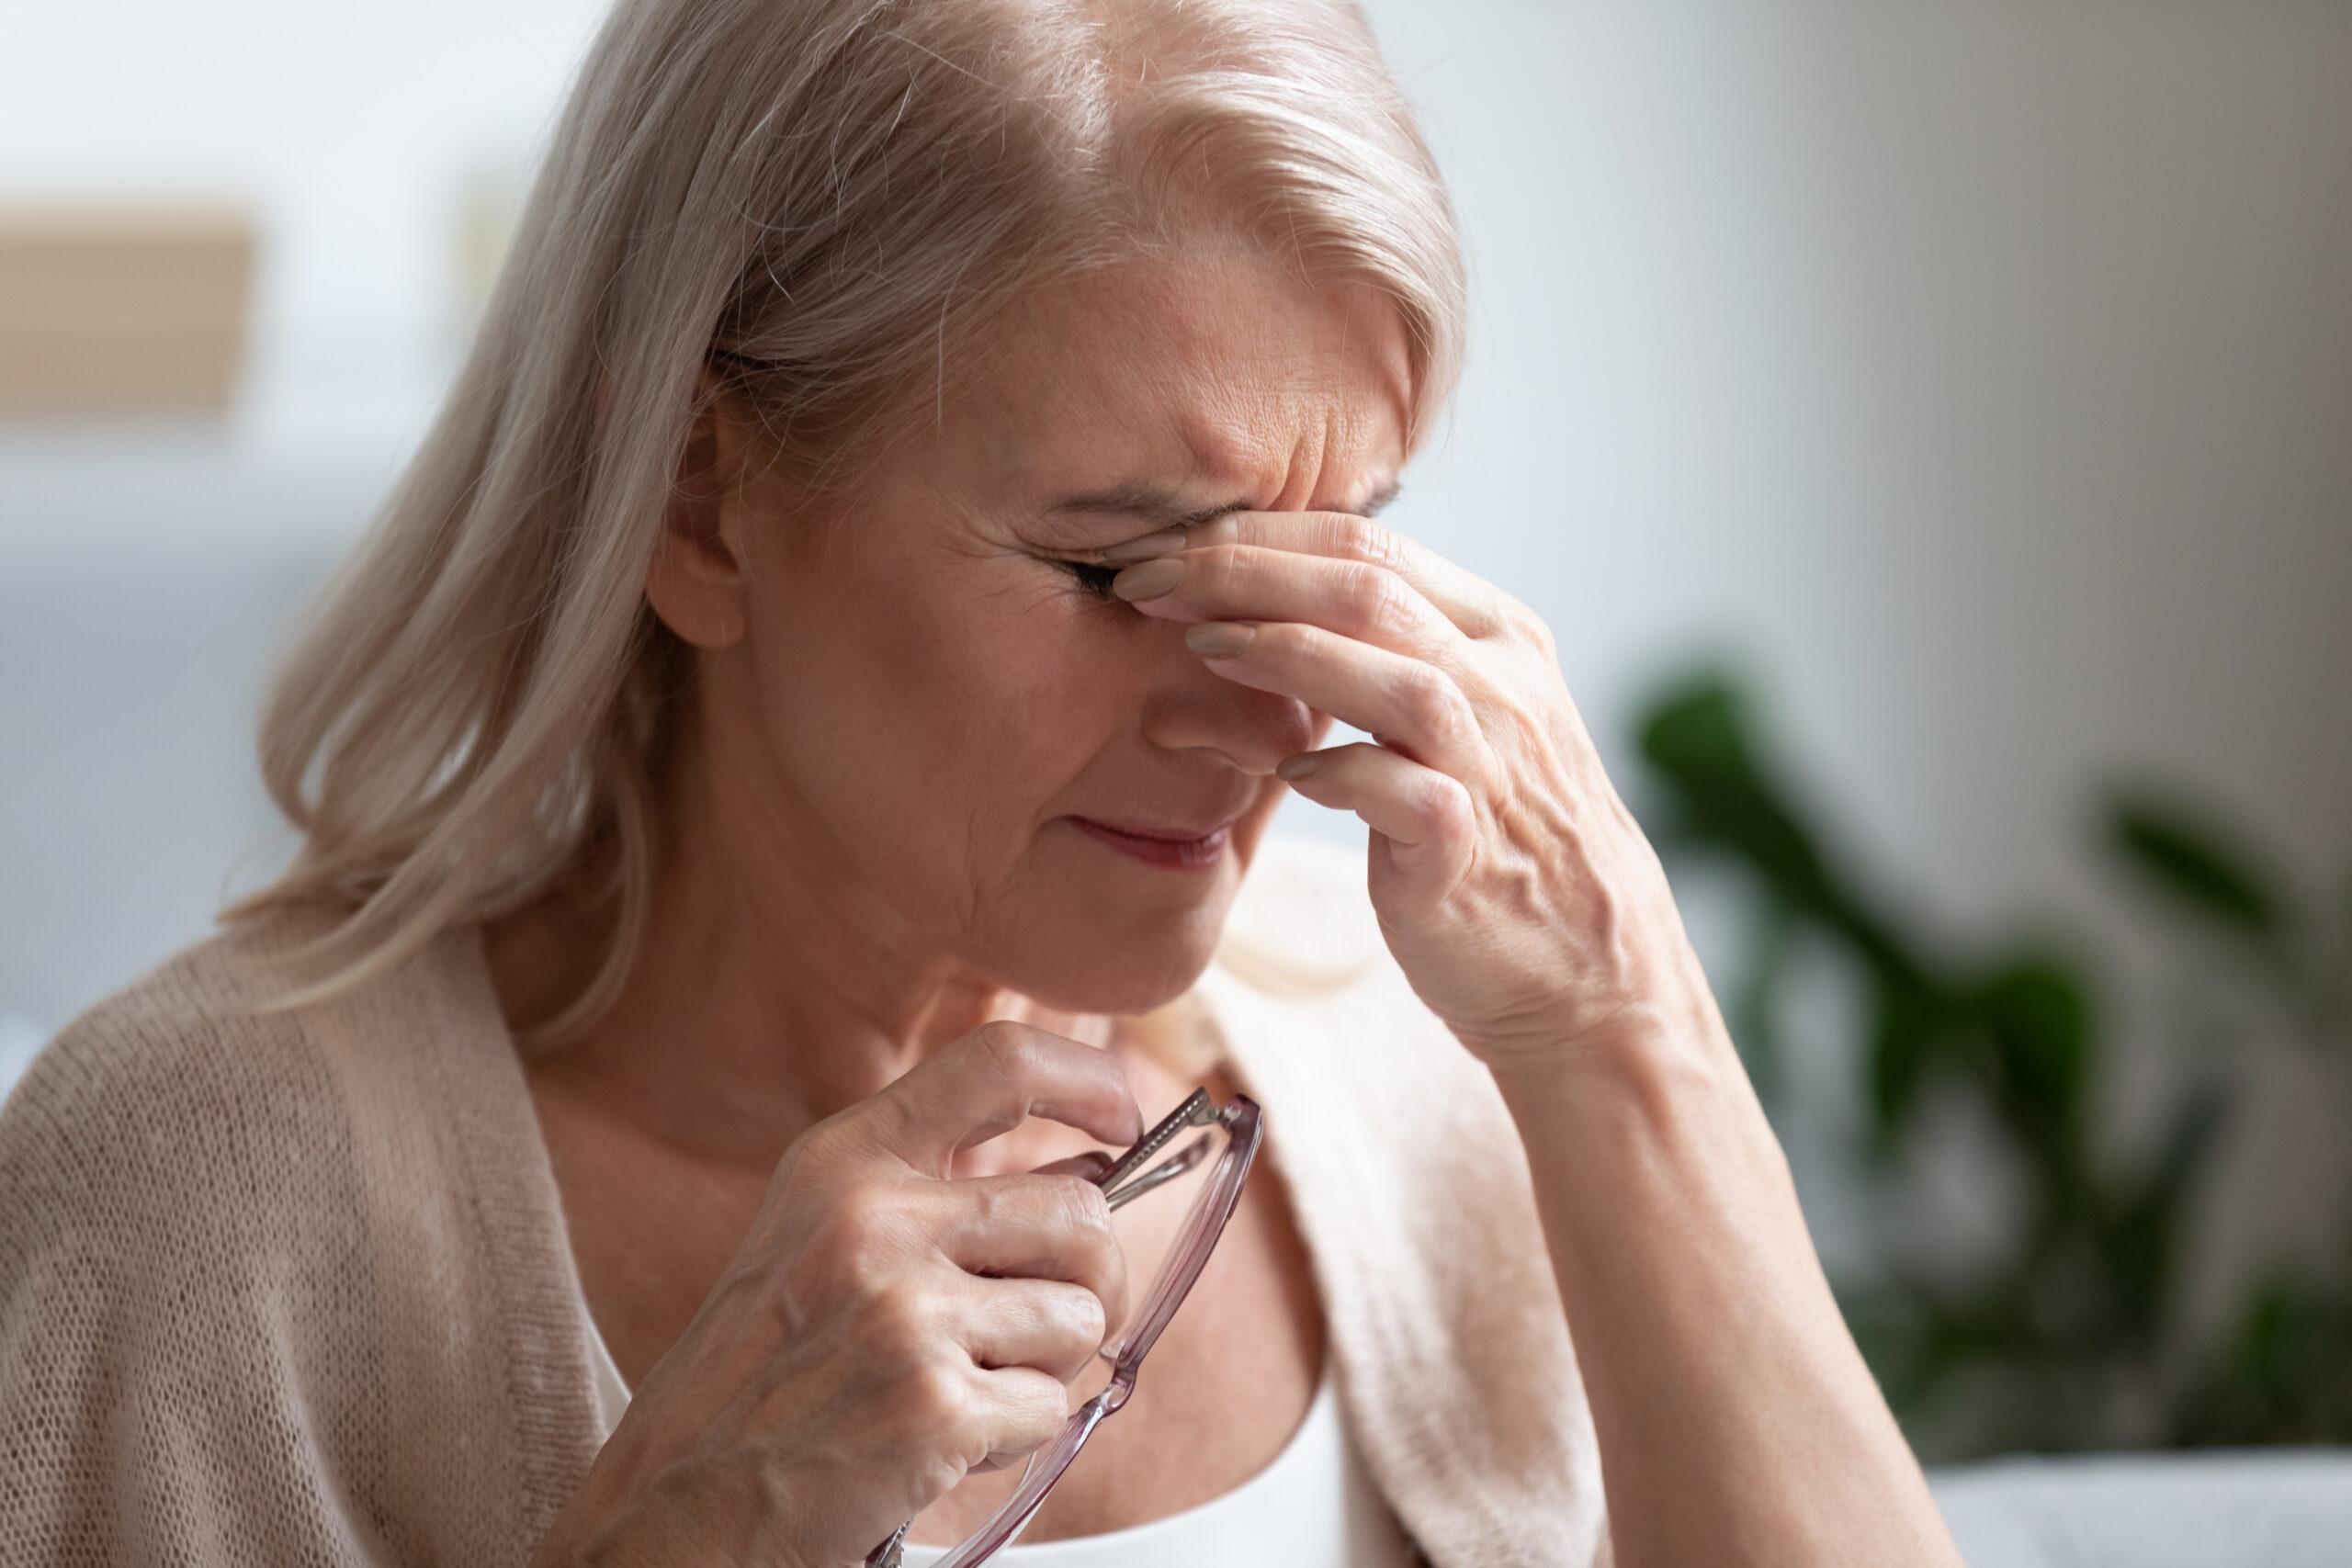 Jakie objawy wskazują na zakażenie nużeńcem?